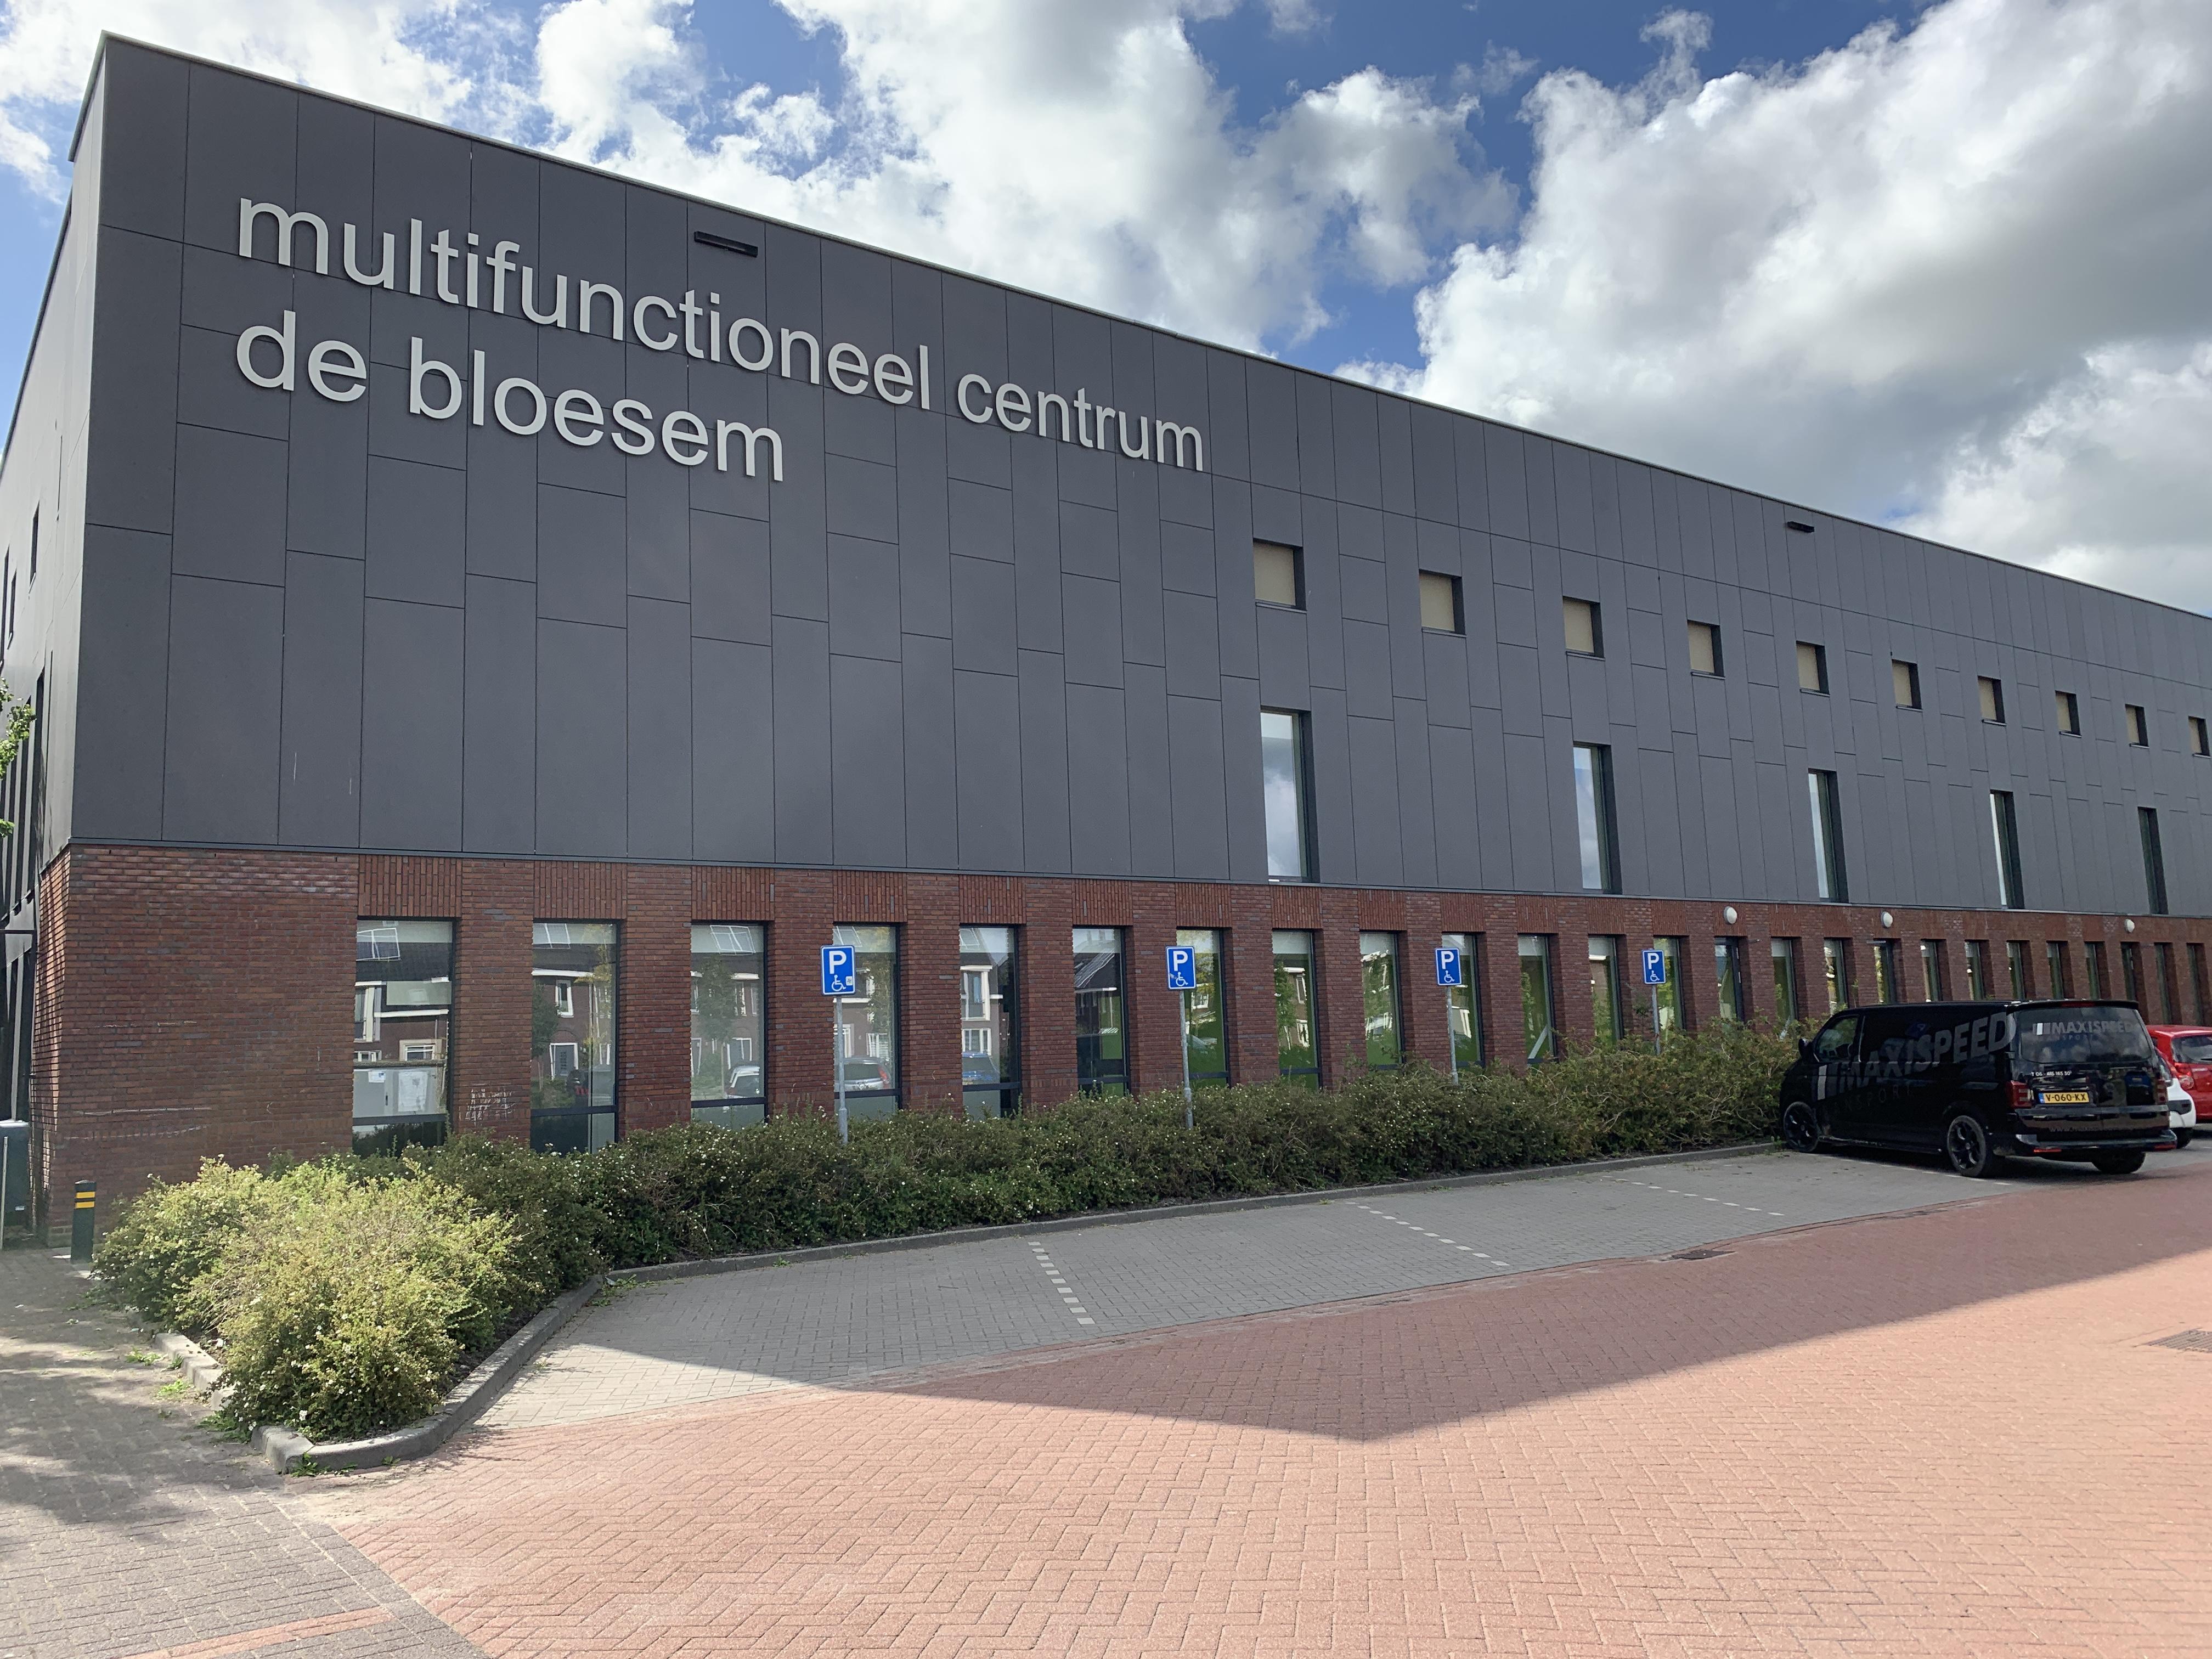 Clubs en exploitant slaan handen ineen om tekort aan zaalsportruimte in Wognum het hoofd te bieden. 'Extra sporthal bij De Bloesem is beste oplossing'